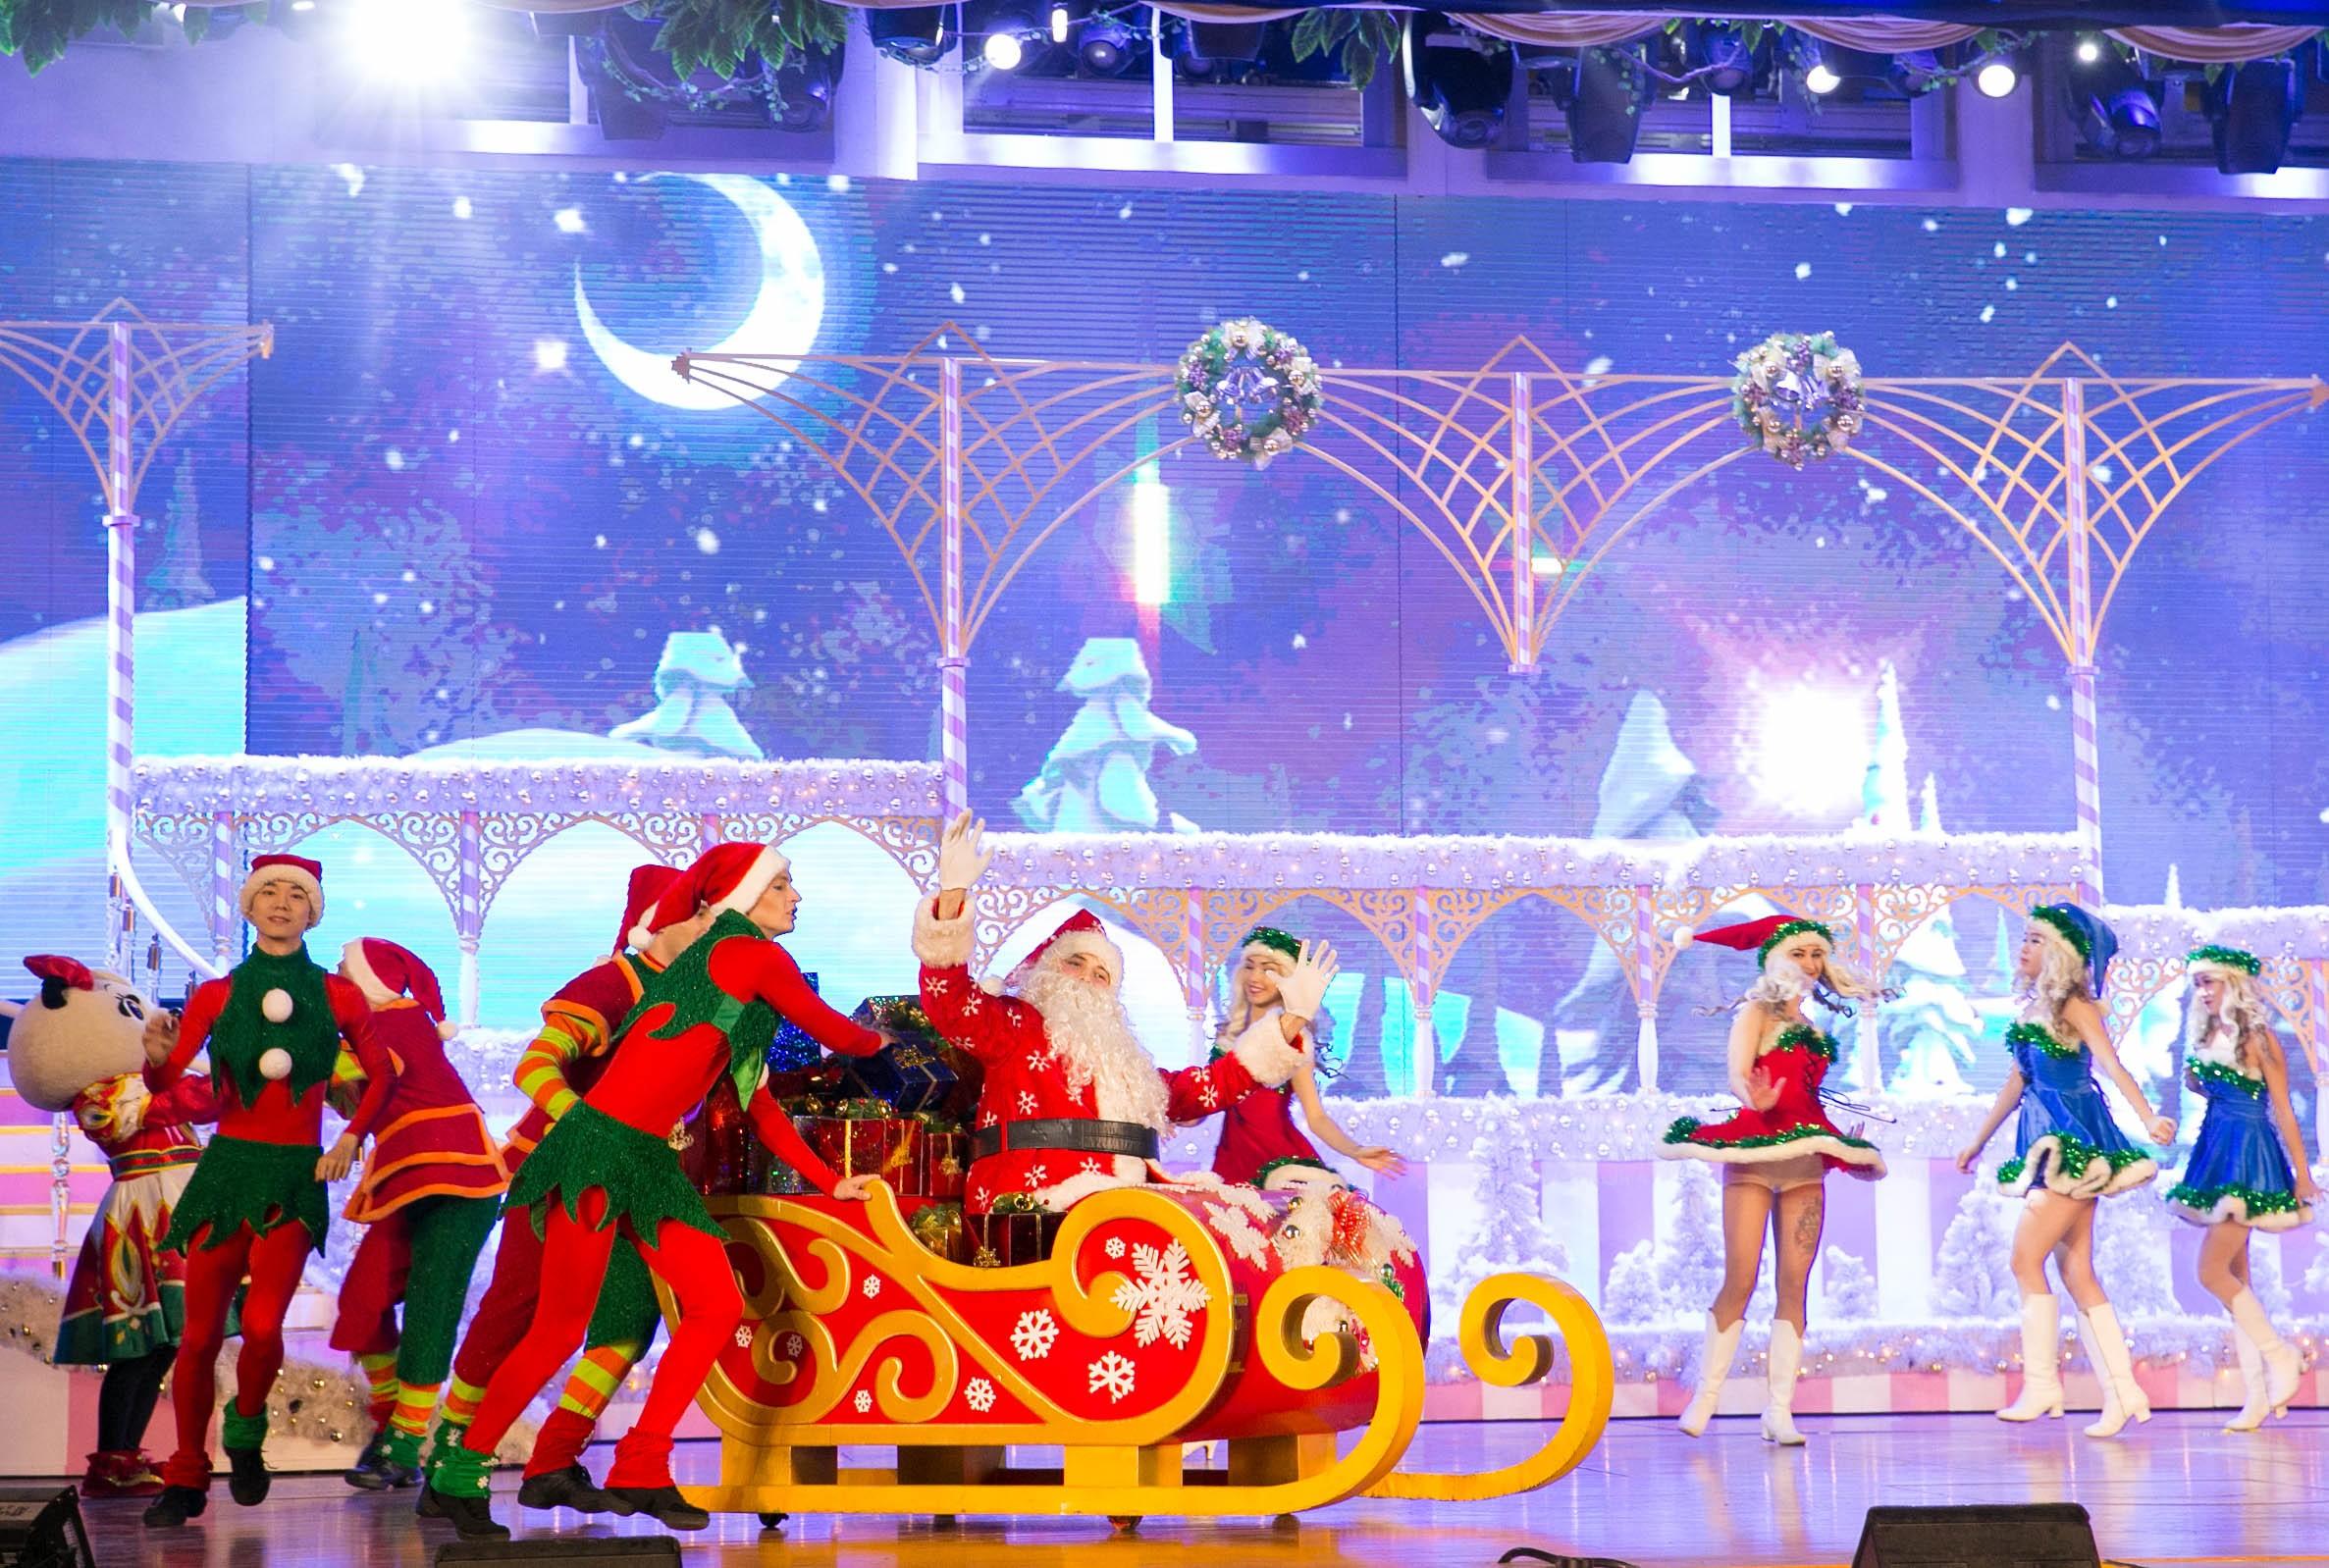 罗蒙环球乐园罗蒙环球乐园圣诞节